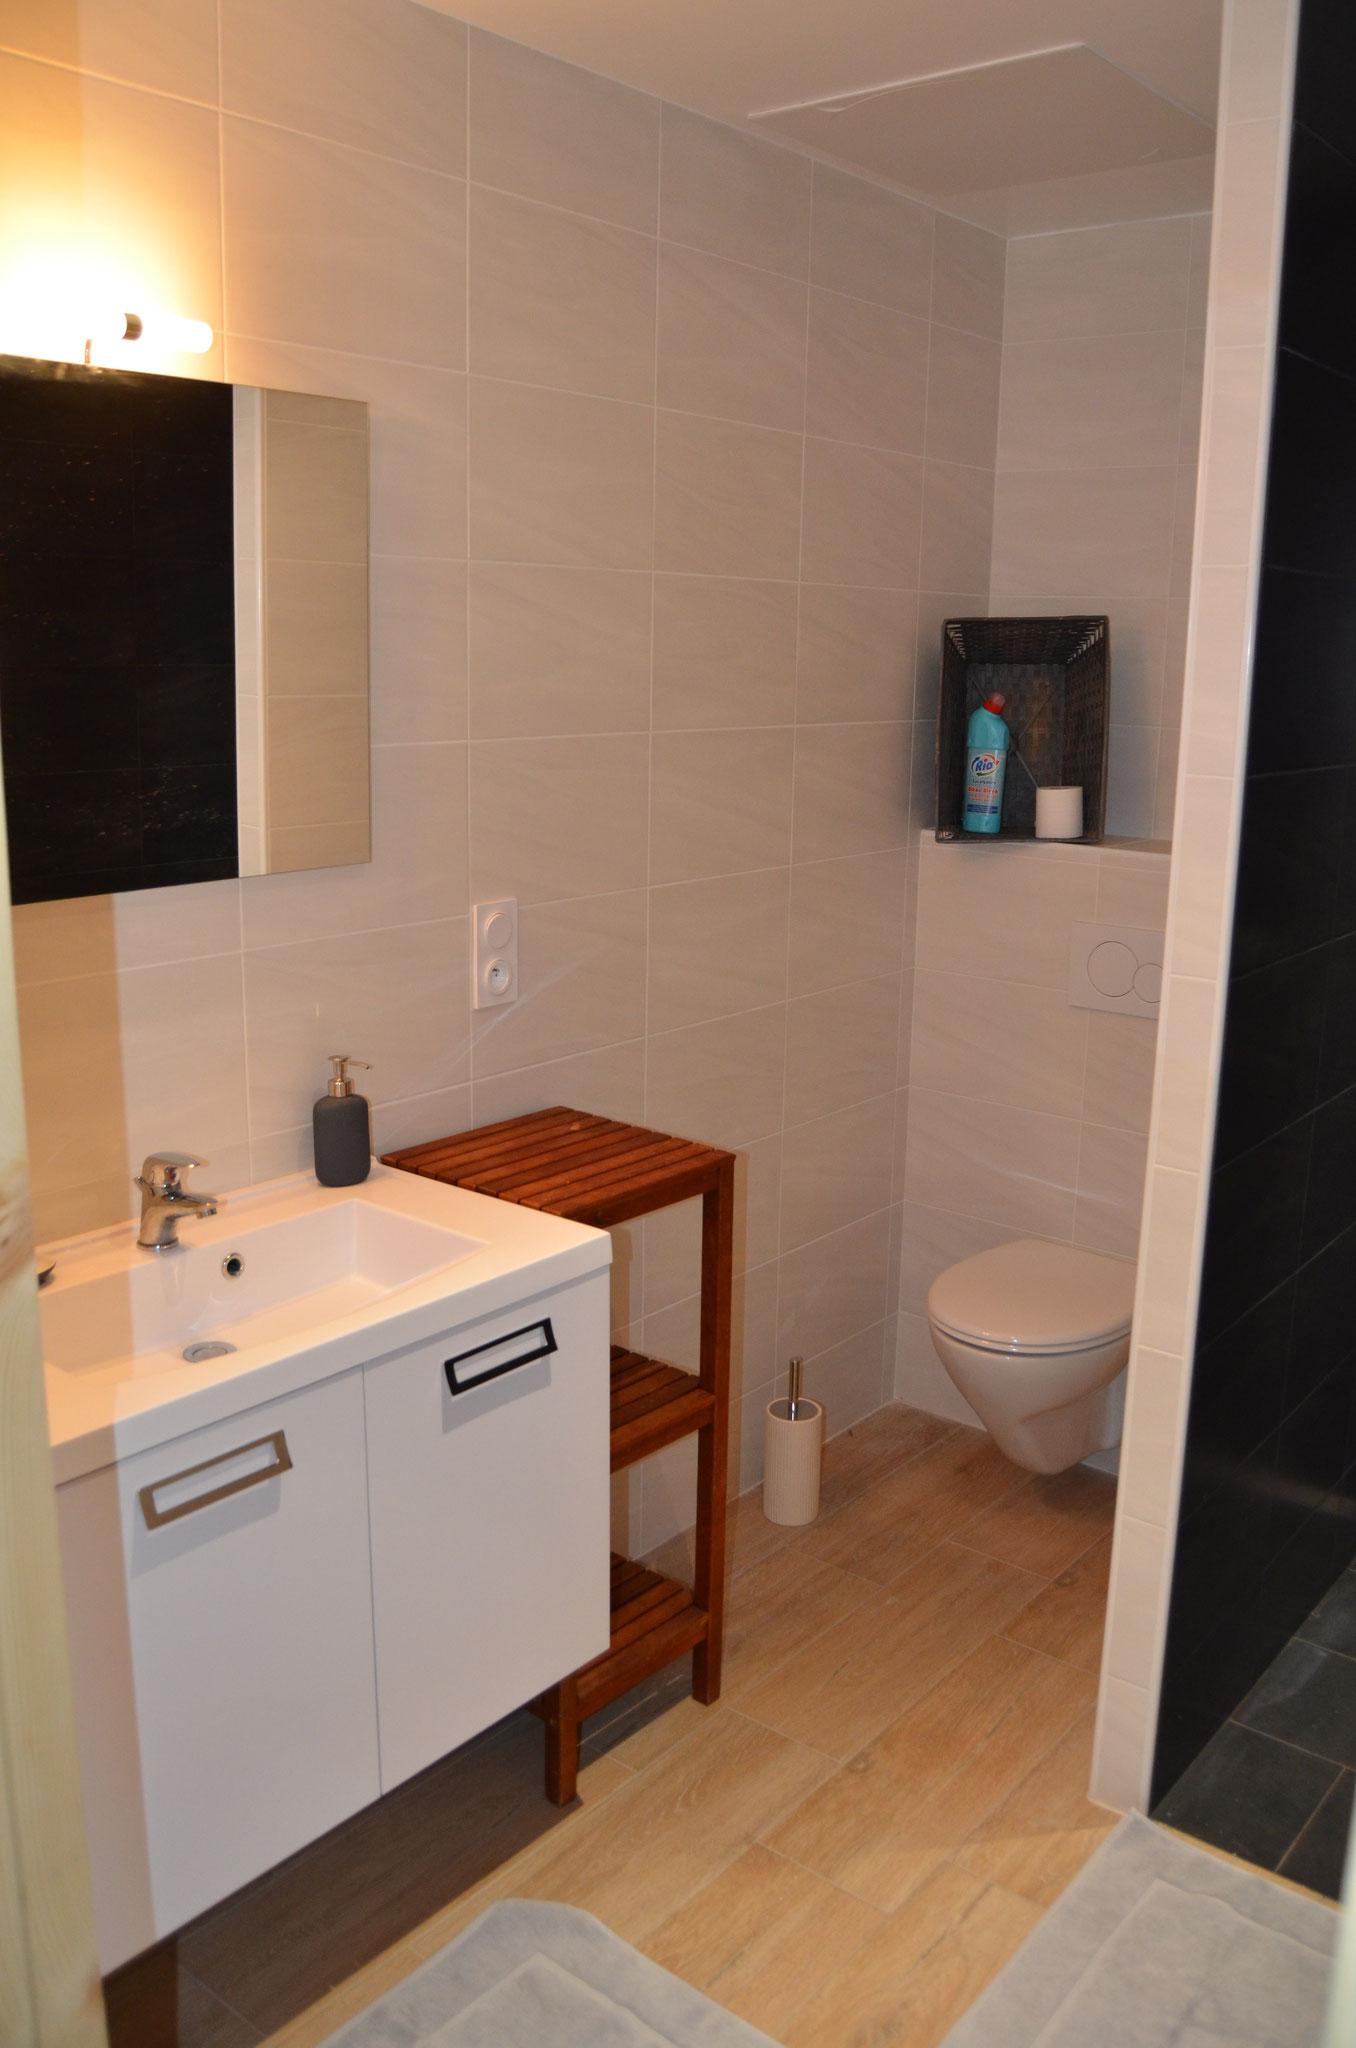 Badkamer en wc gelijkvloer